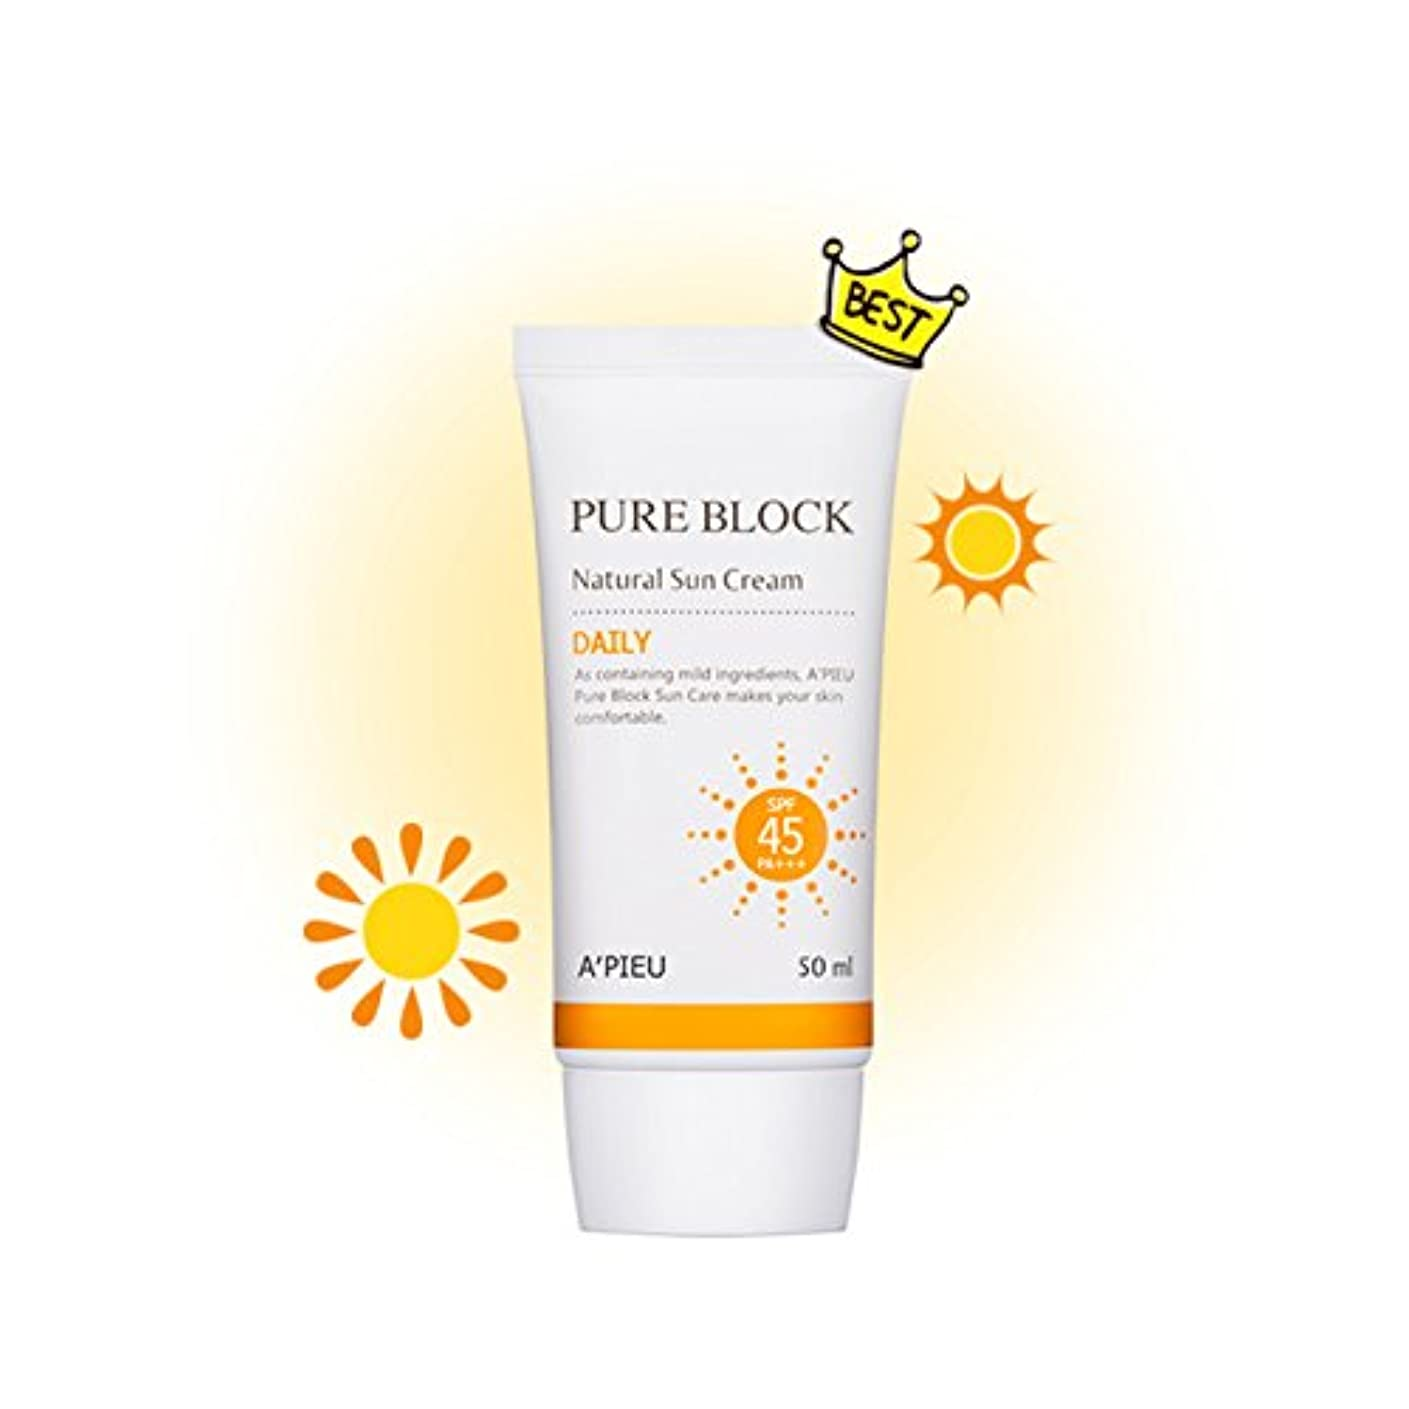 の量屋内辛な[オピュ] A'PIEU ピュアブロックナチュラルデイリー日焼け止め Pure Block Natural Daily Sun Cream SPF 45 PA+++ [並行輸入品]